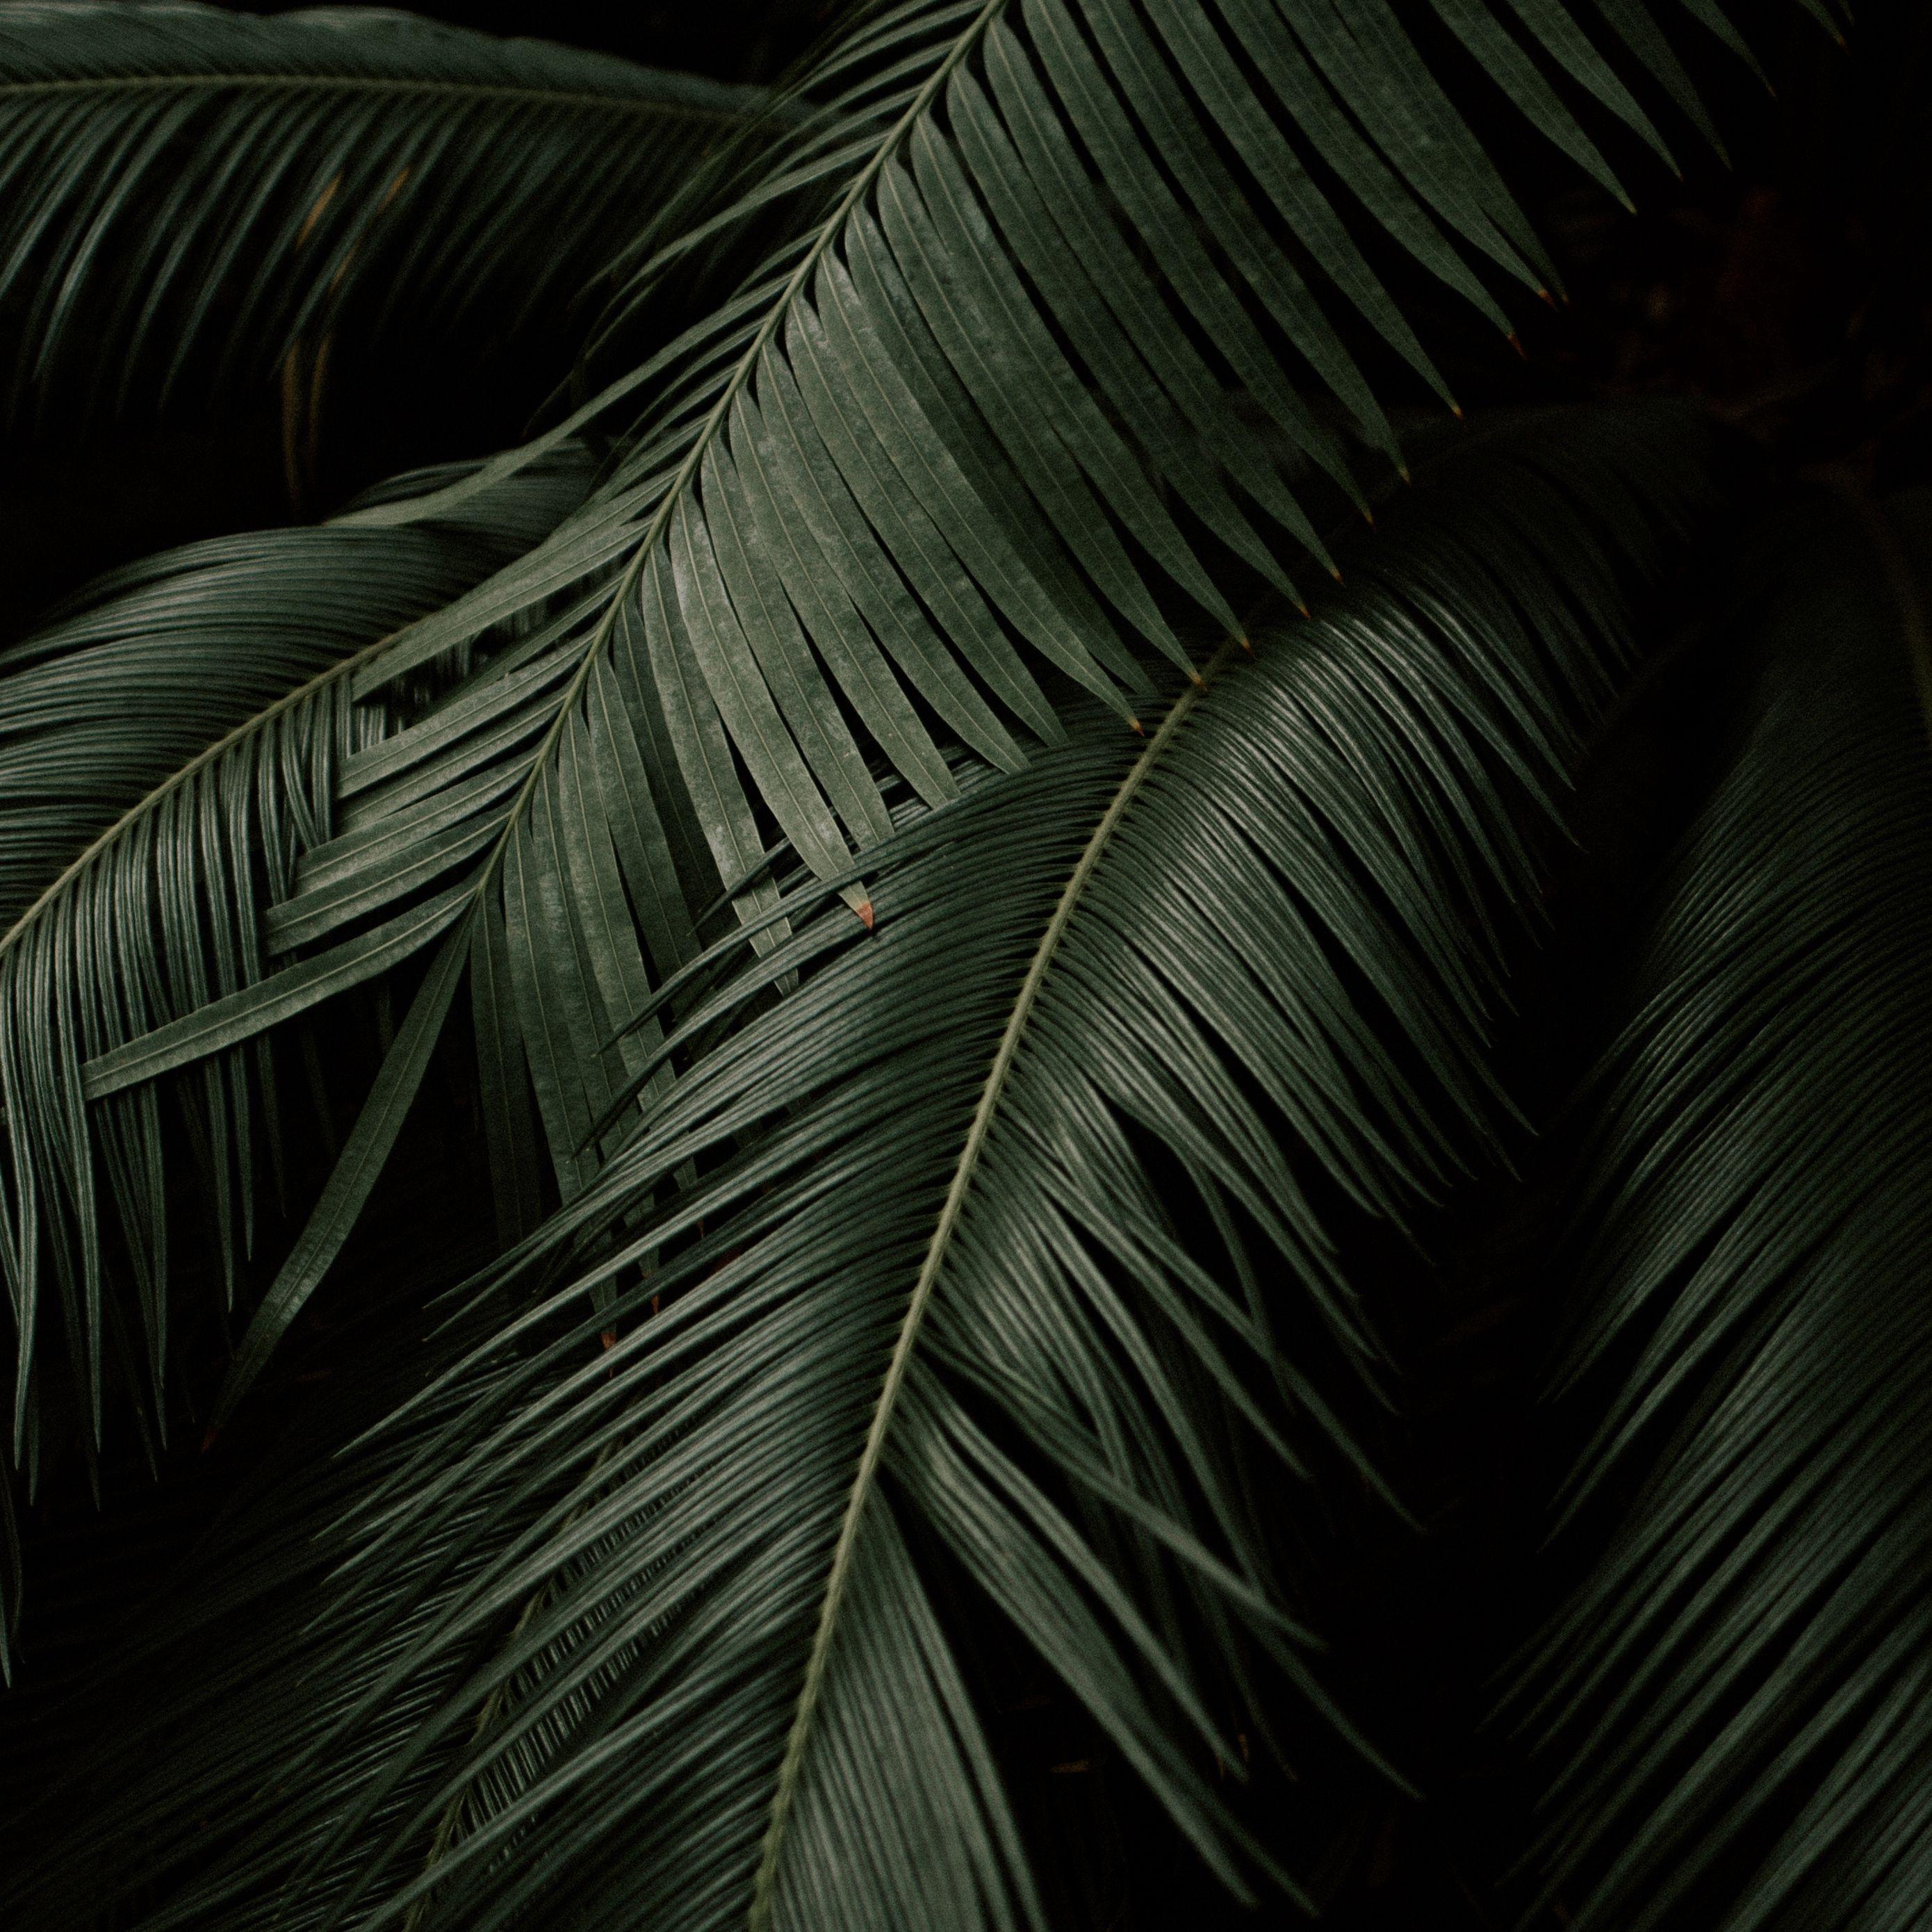 Minimalist Plant Desktop Wallpapers - Top Free Minimalist ...